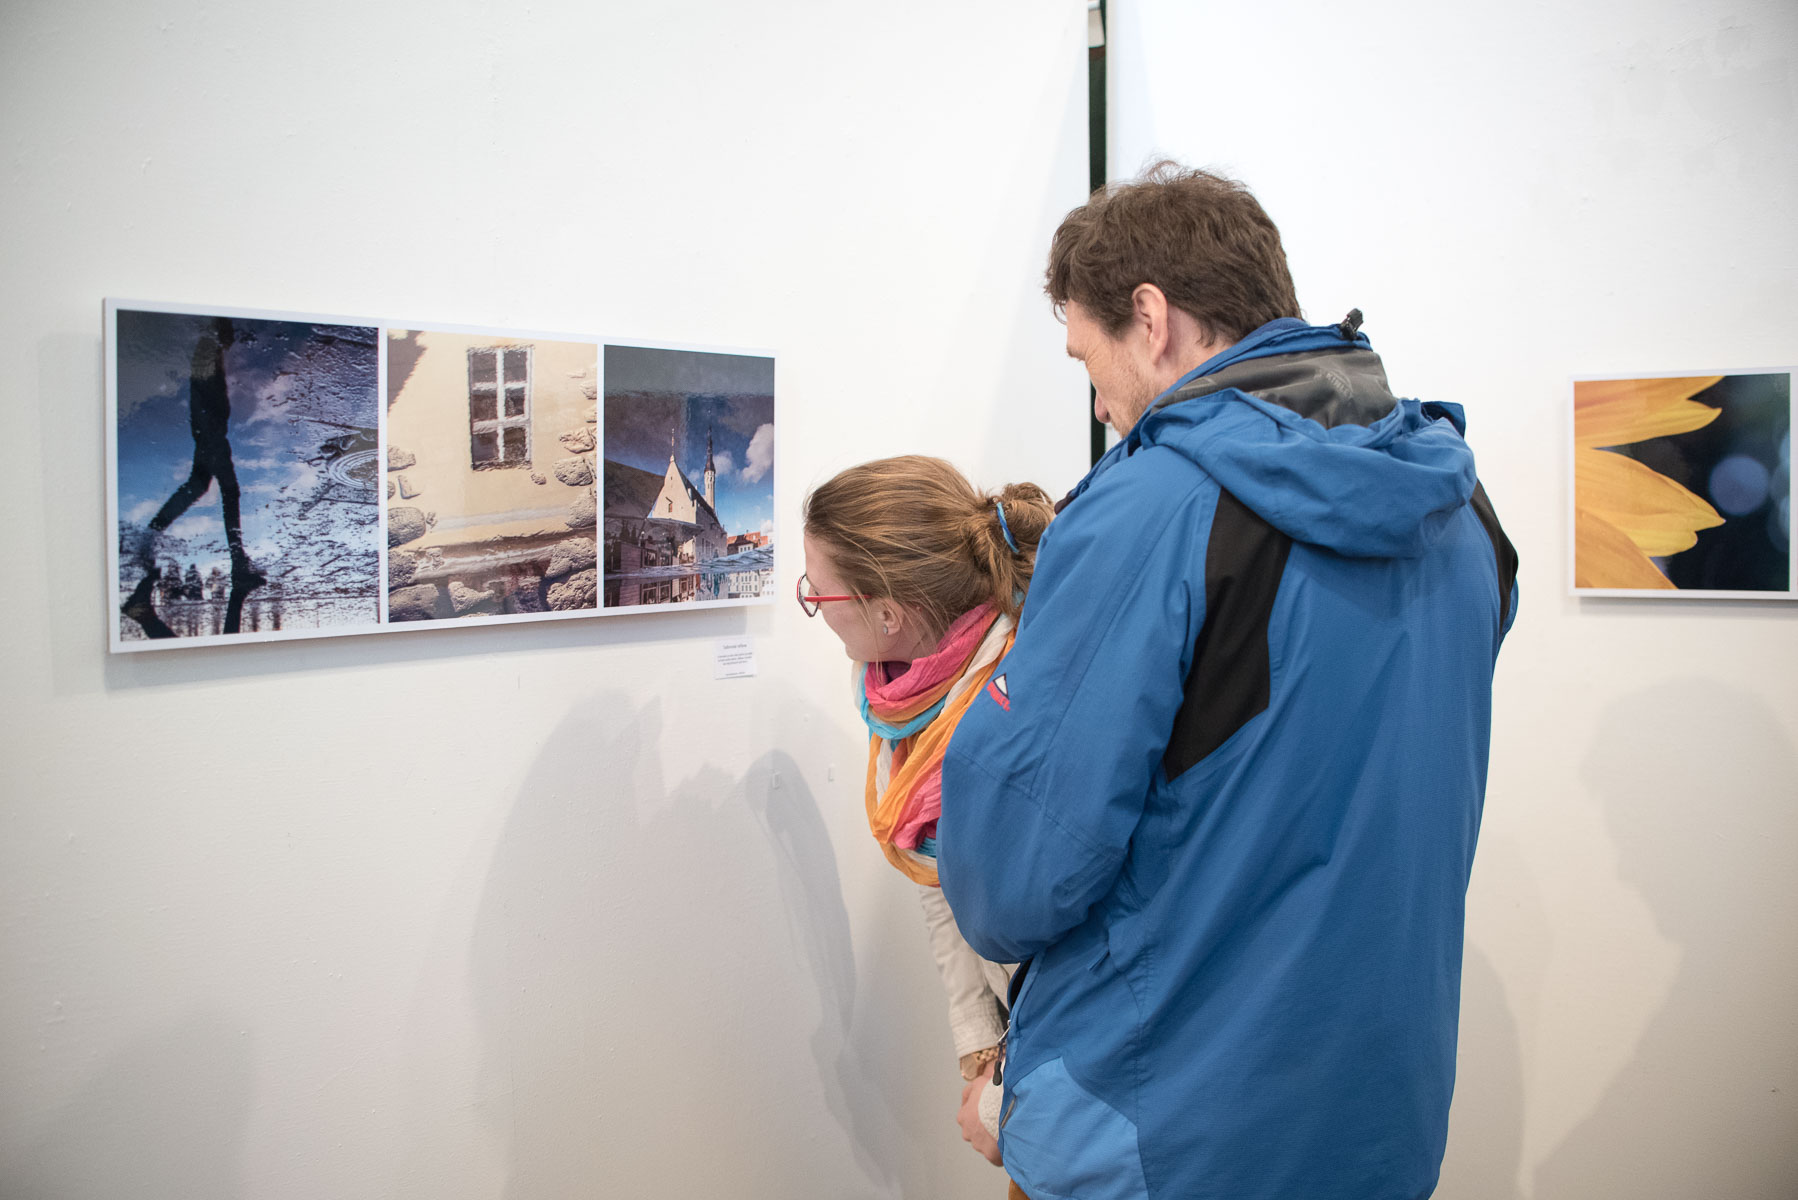 Příprava a organizace fotografické výstavy: mých 10 postřehů a tipů